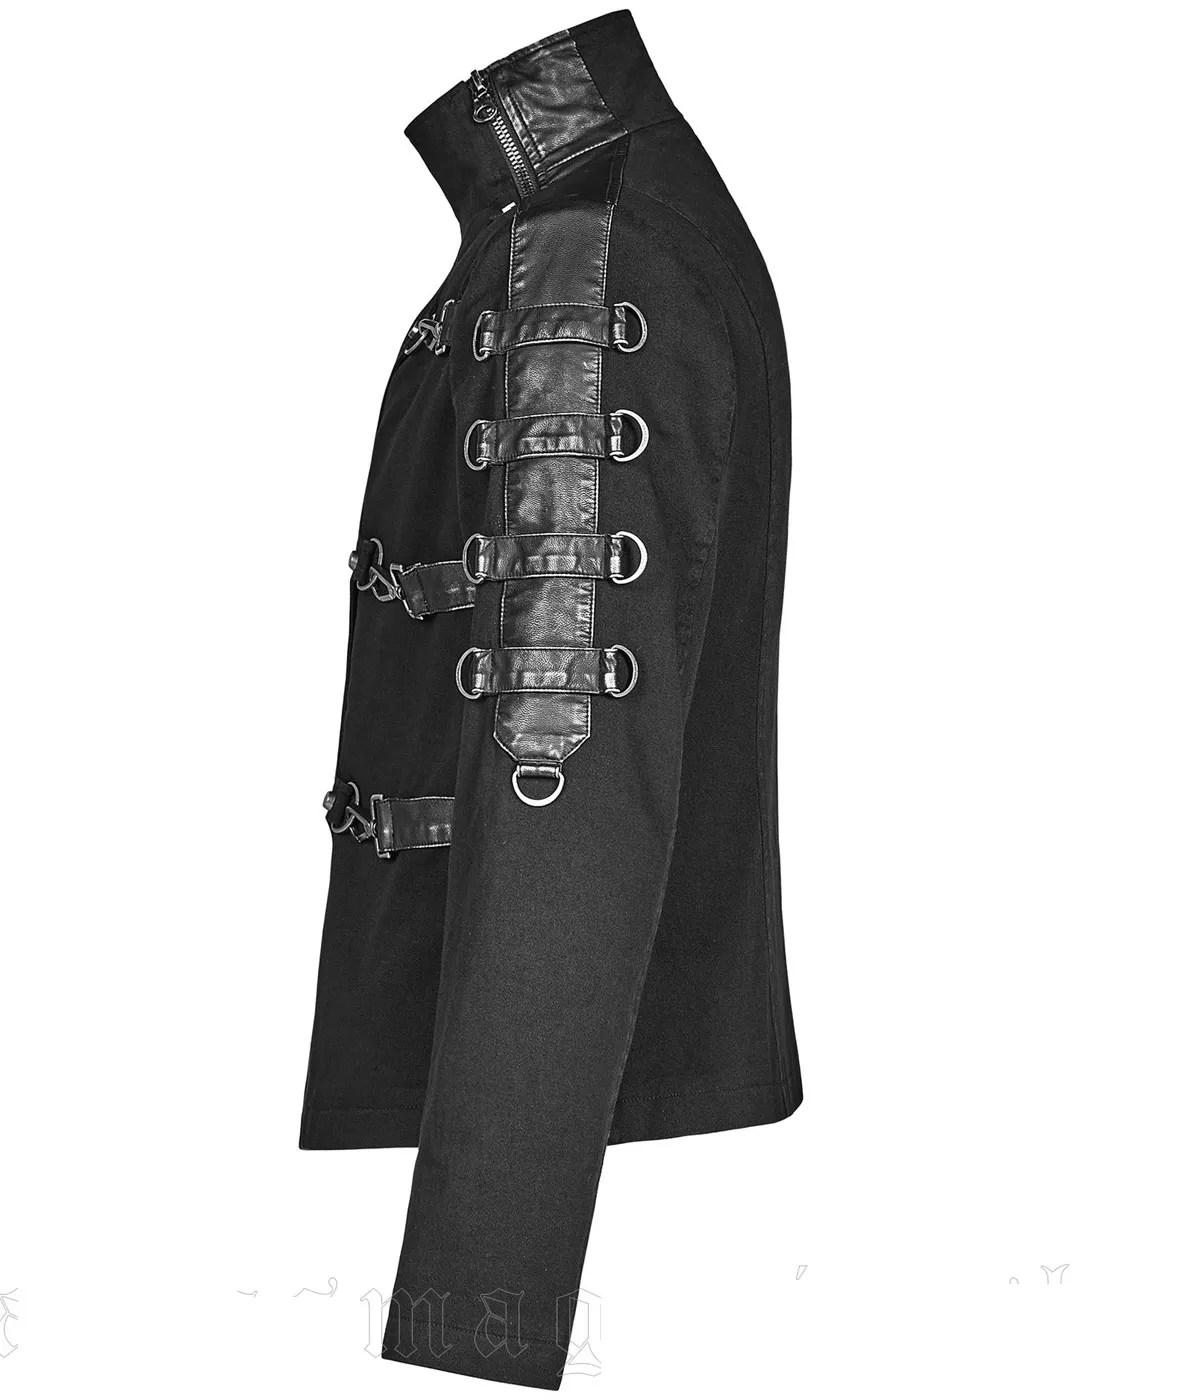 asylum-punk-rave-gothic-cotton-jacket